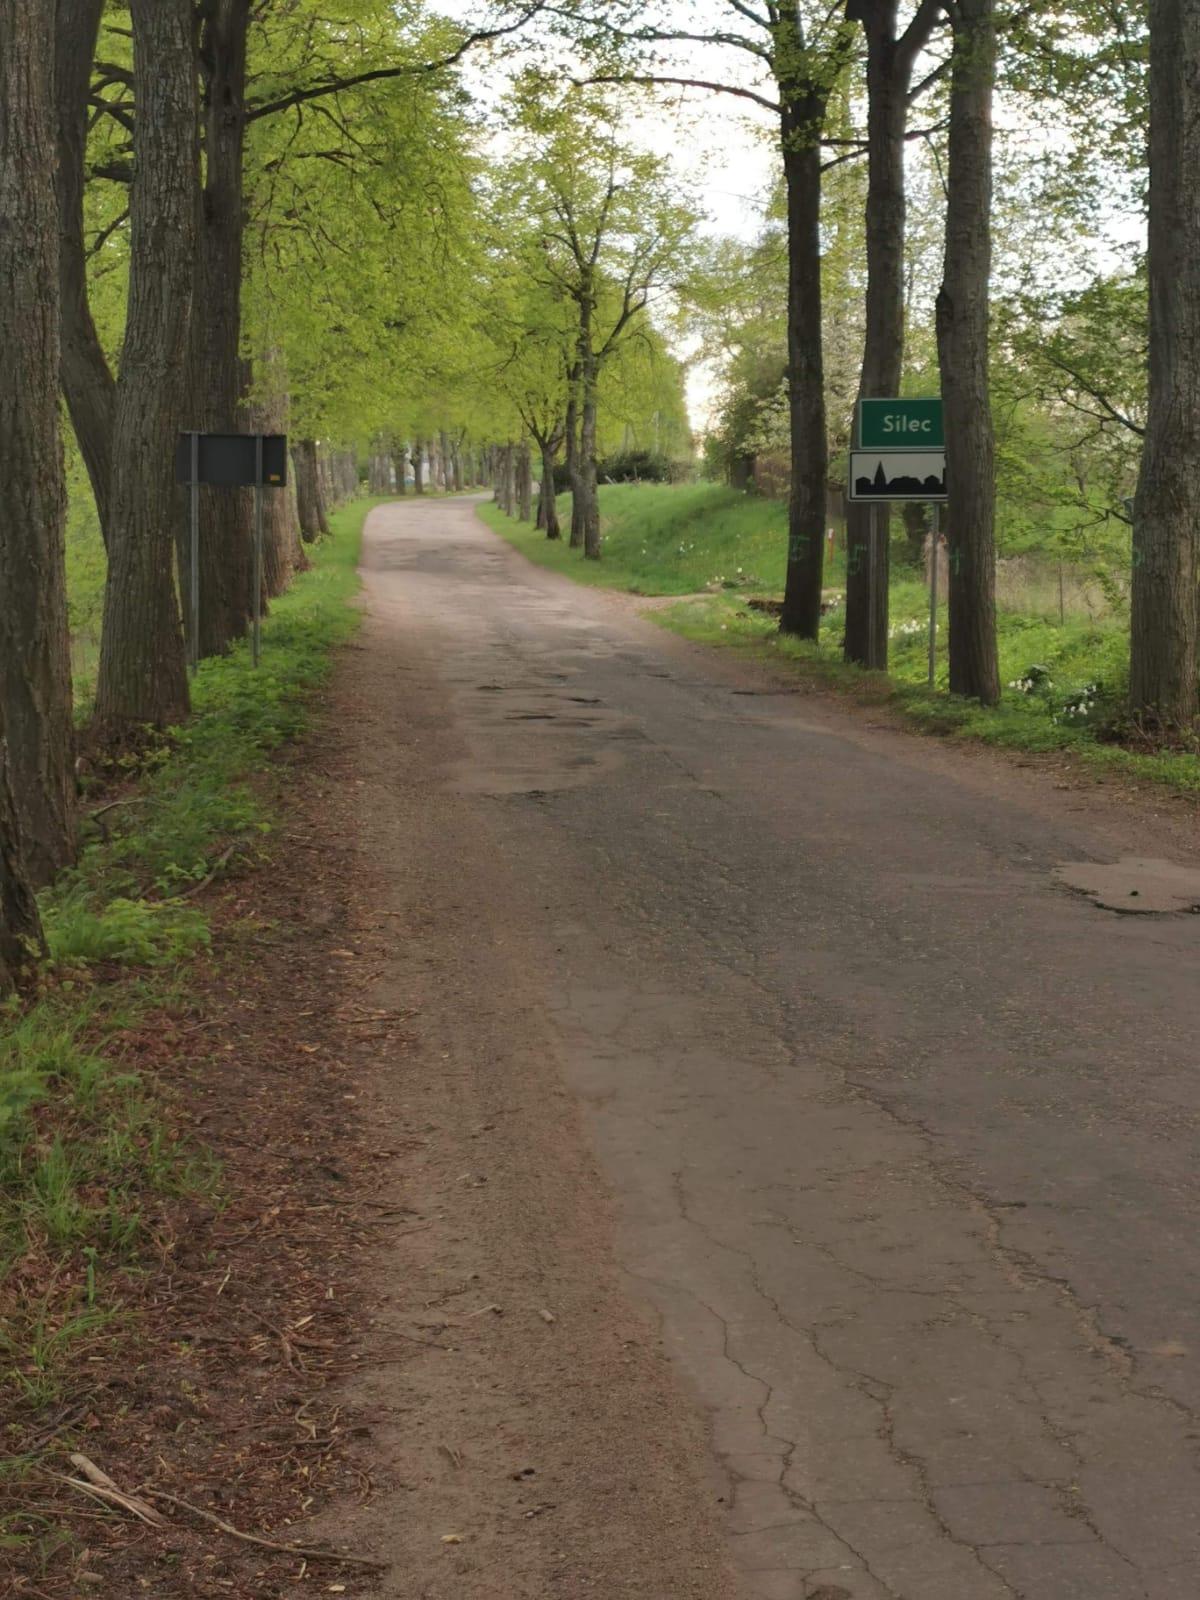 Zdjęcia przedstawia drogę powiatową w miejscowości Silec przed remontem